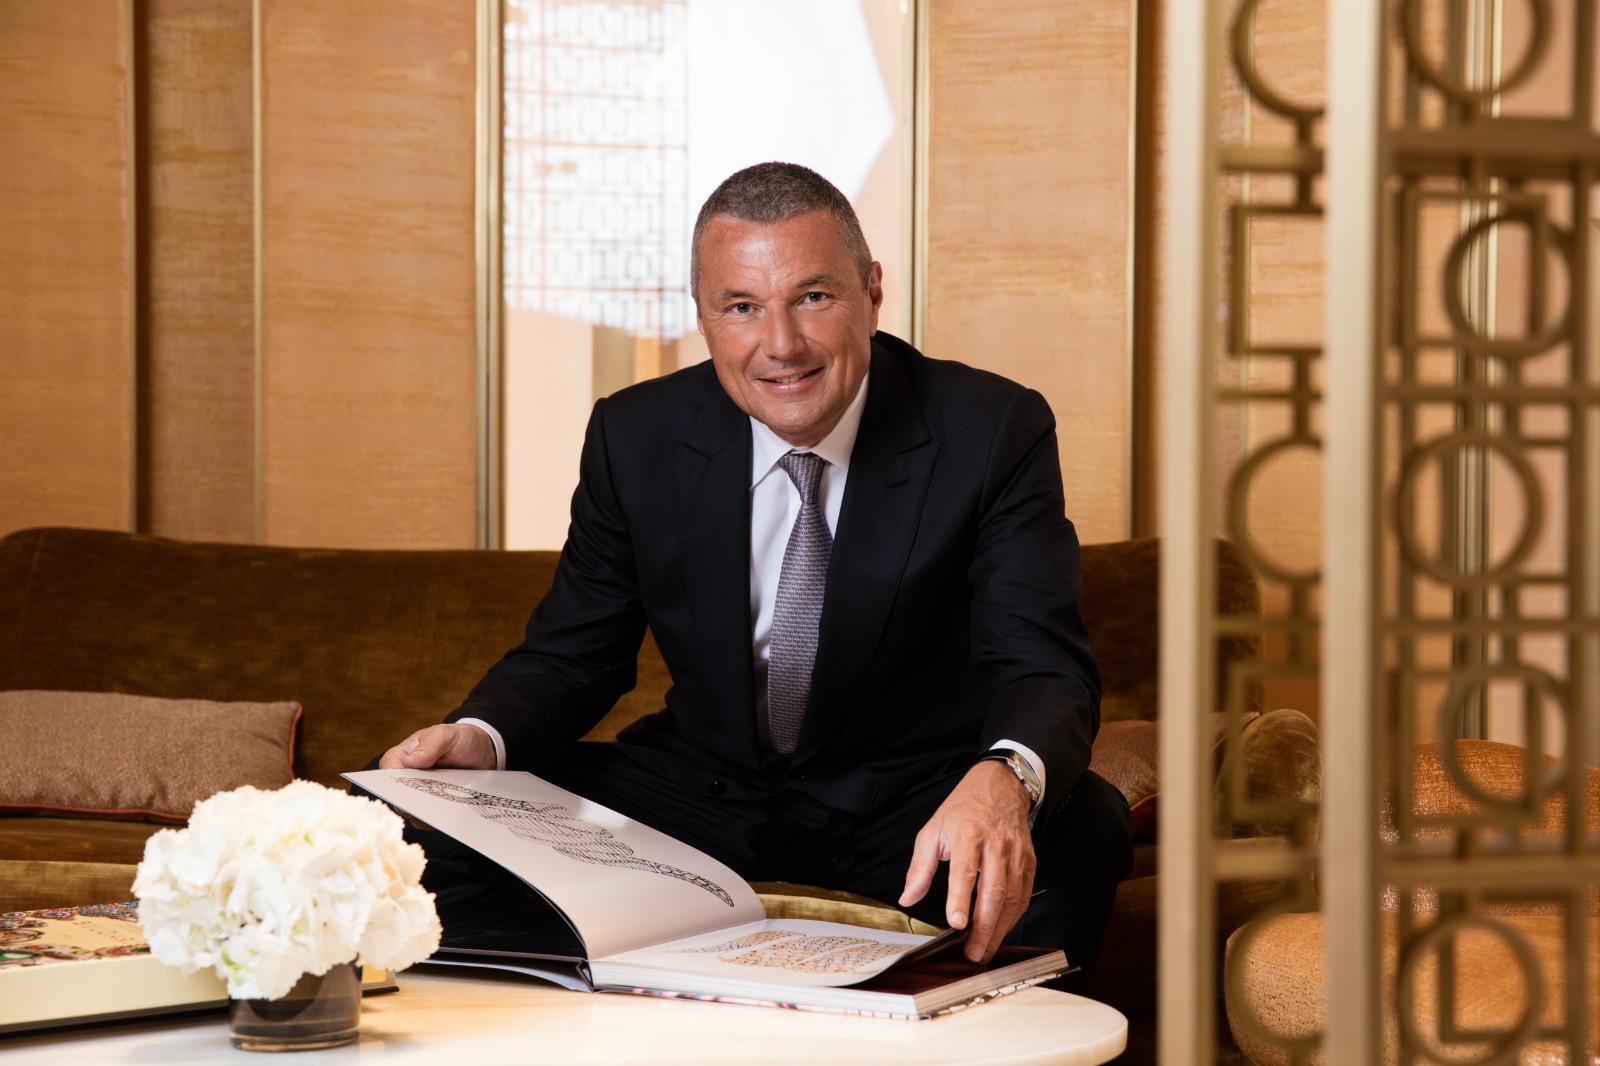 《华丽志》独家专访宝格丽全球 CEO Jean-Christophe Babin:跨越134年历史去拥抱创新